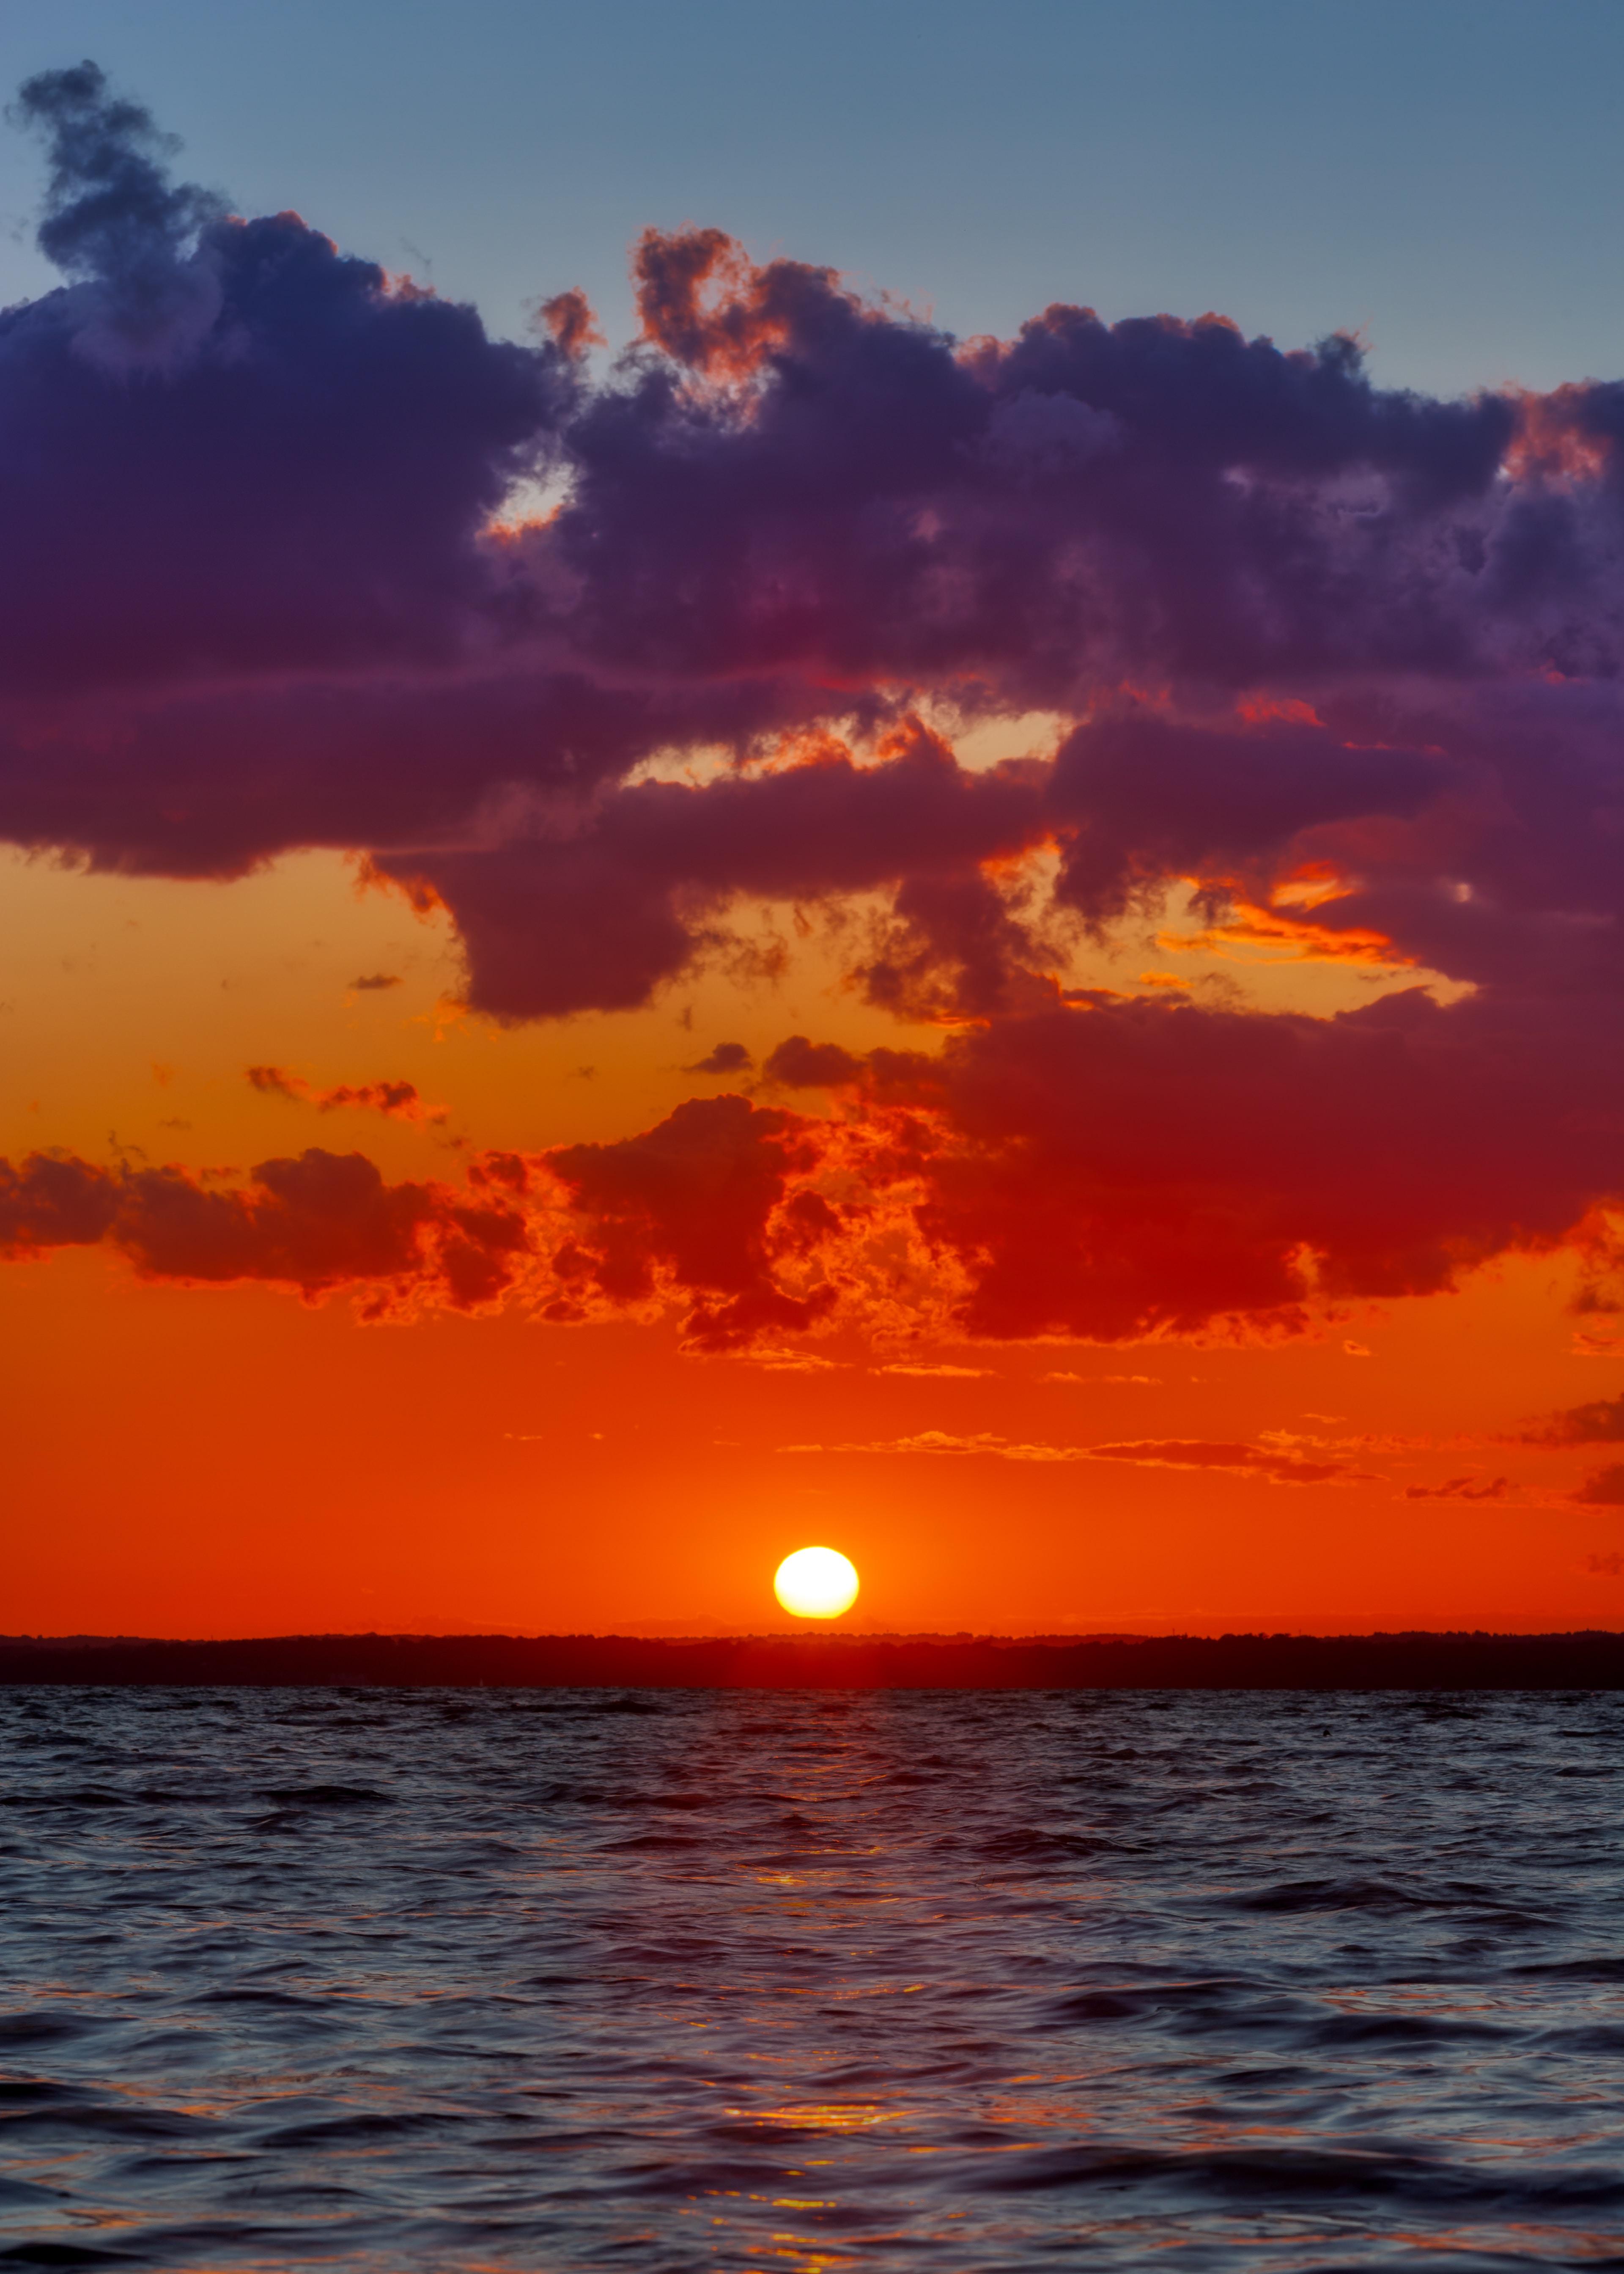 91460 скачать обои Природа, Море, Закат, Горизонт, Облака, Волны - заставки и картинки бесплатно